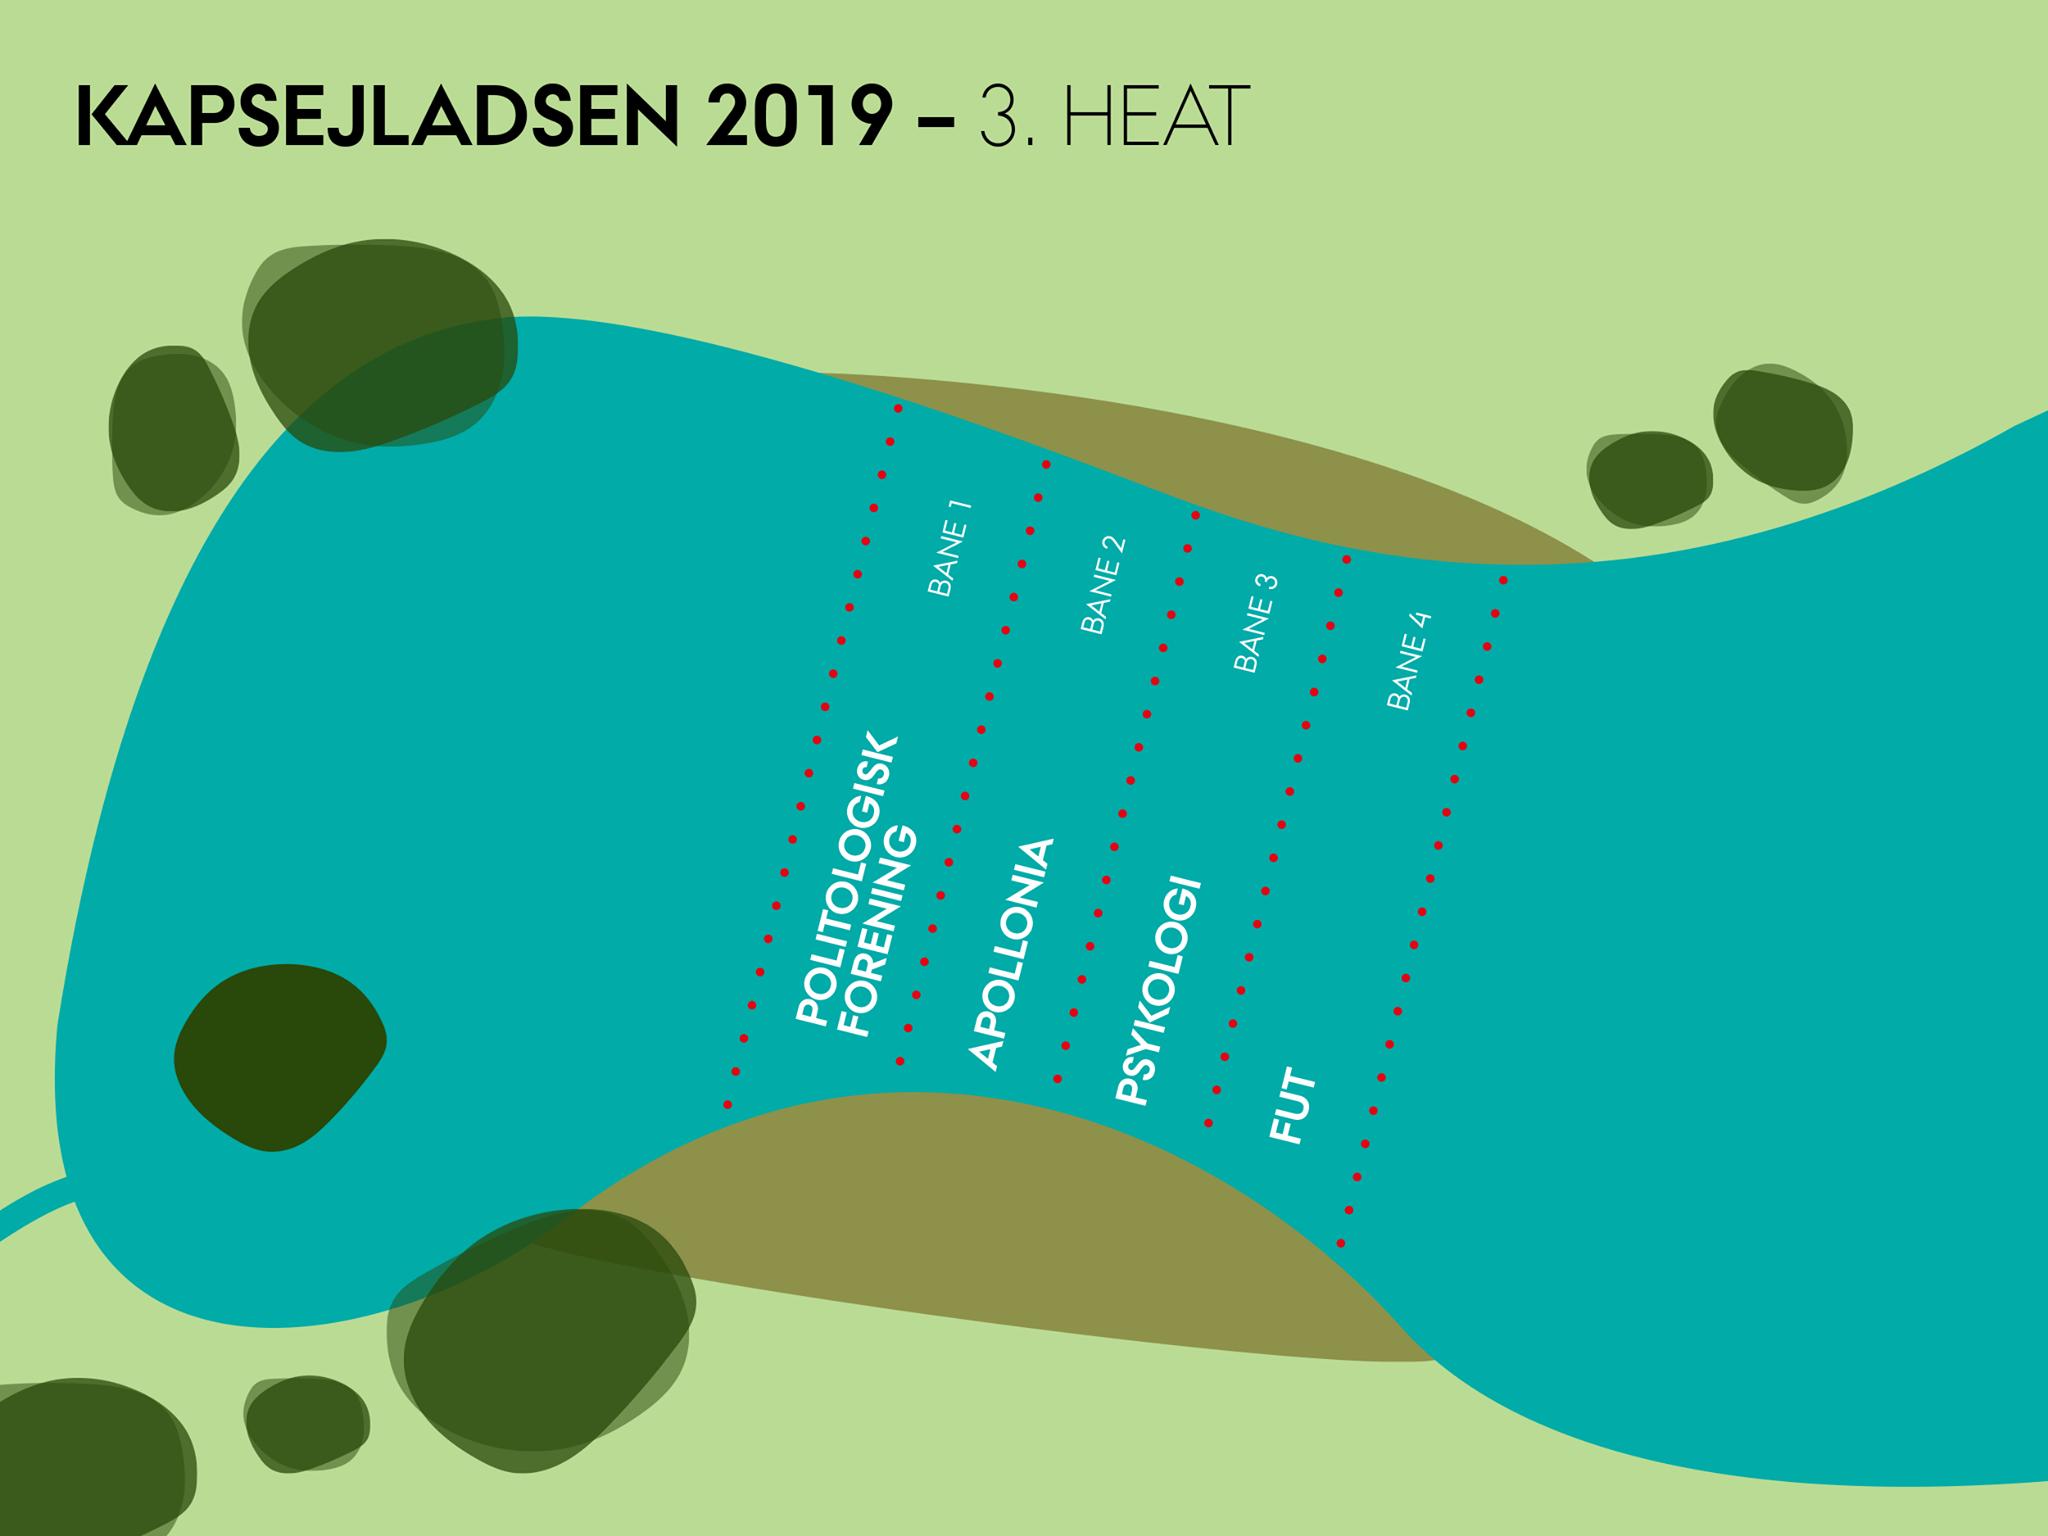 Deltagerne ved 3. og sidste heat af Kapsejladsen 2019 i Aarhus Universitetspark.